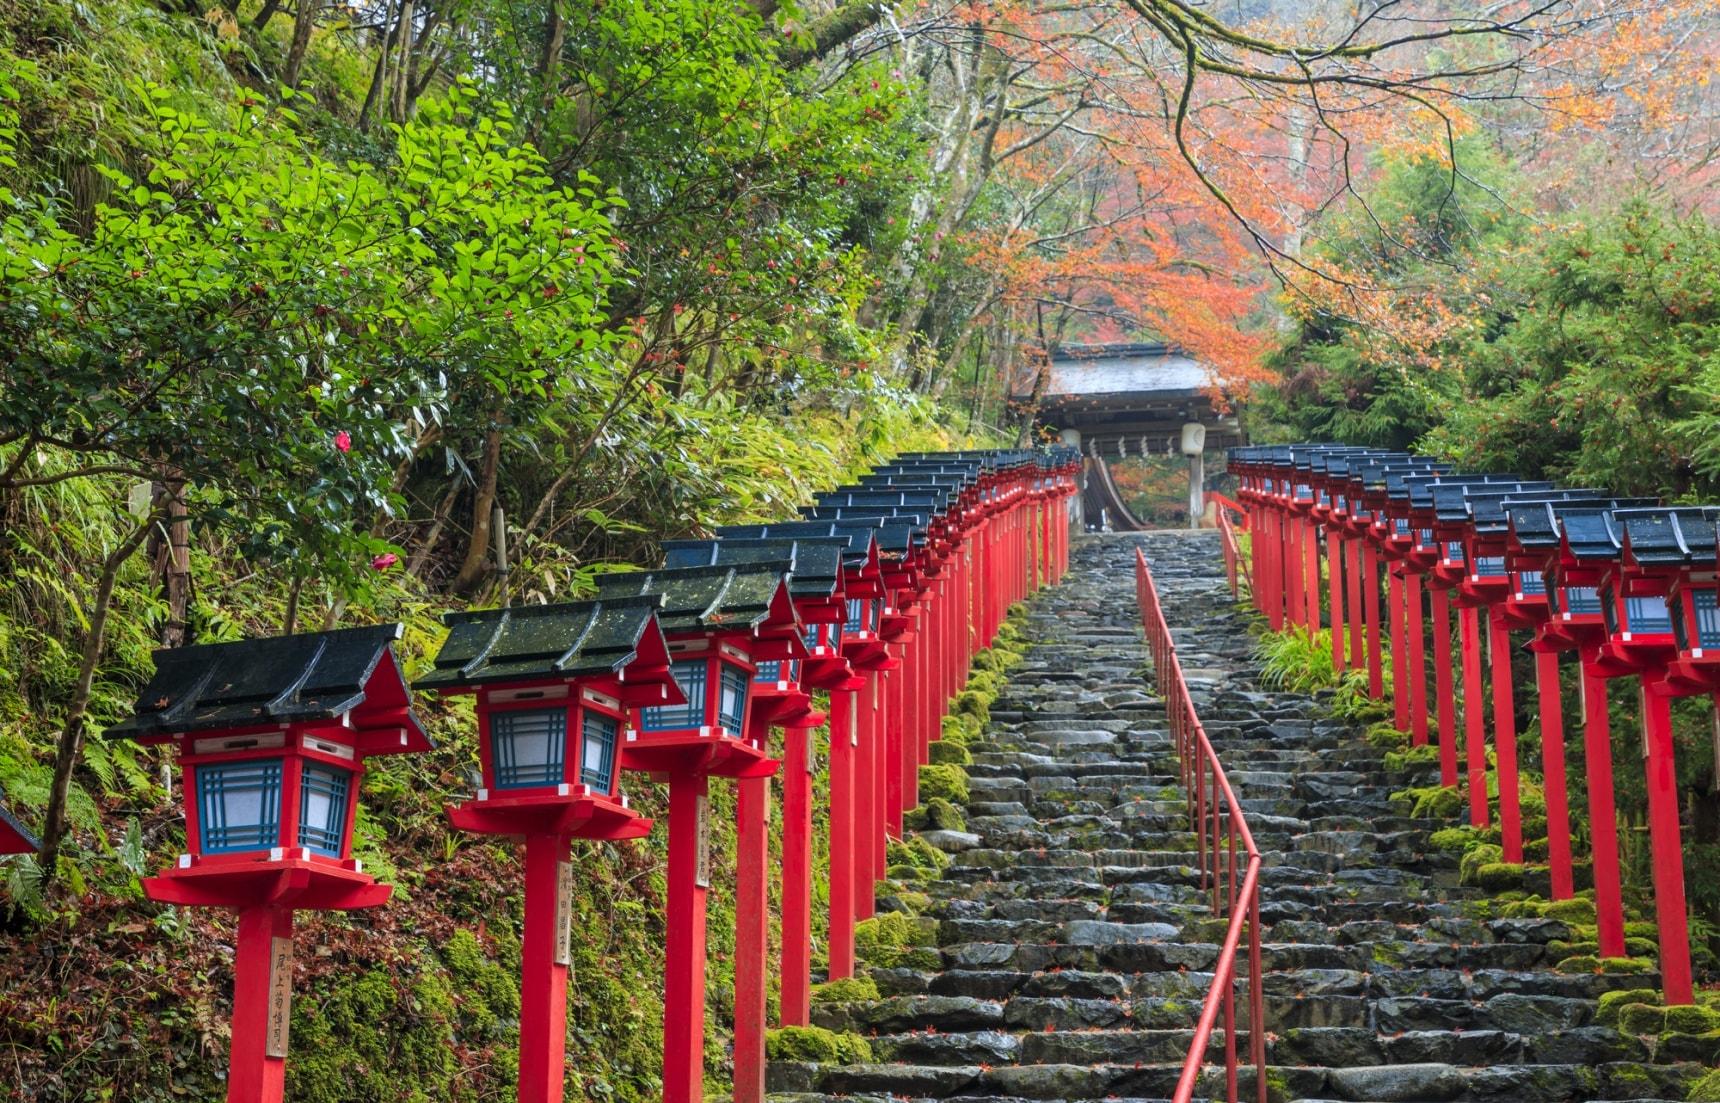 5 ย่านท่องเที่ยวที่น่าสนใจรอบนอกเกียวโต